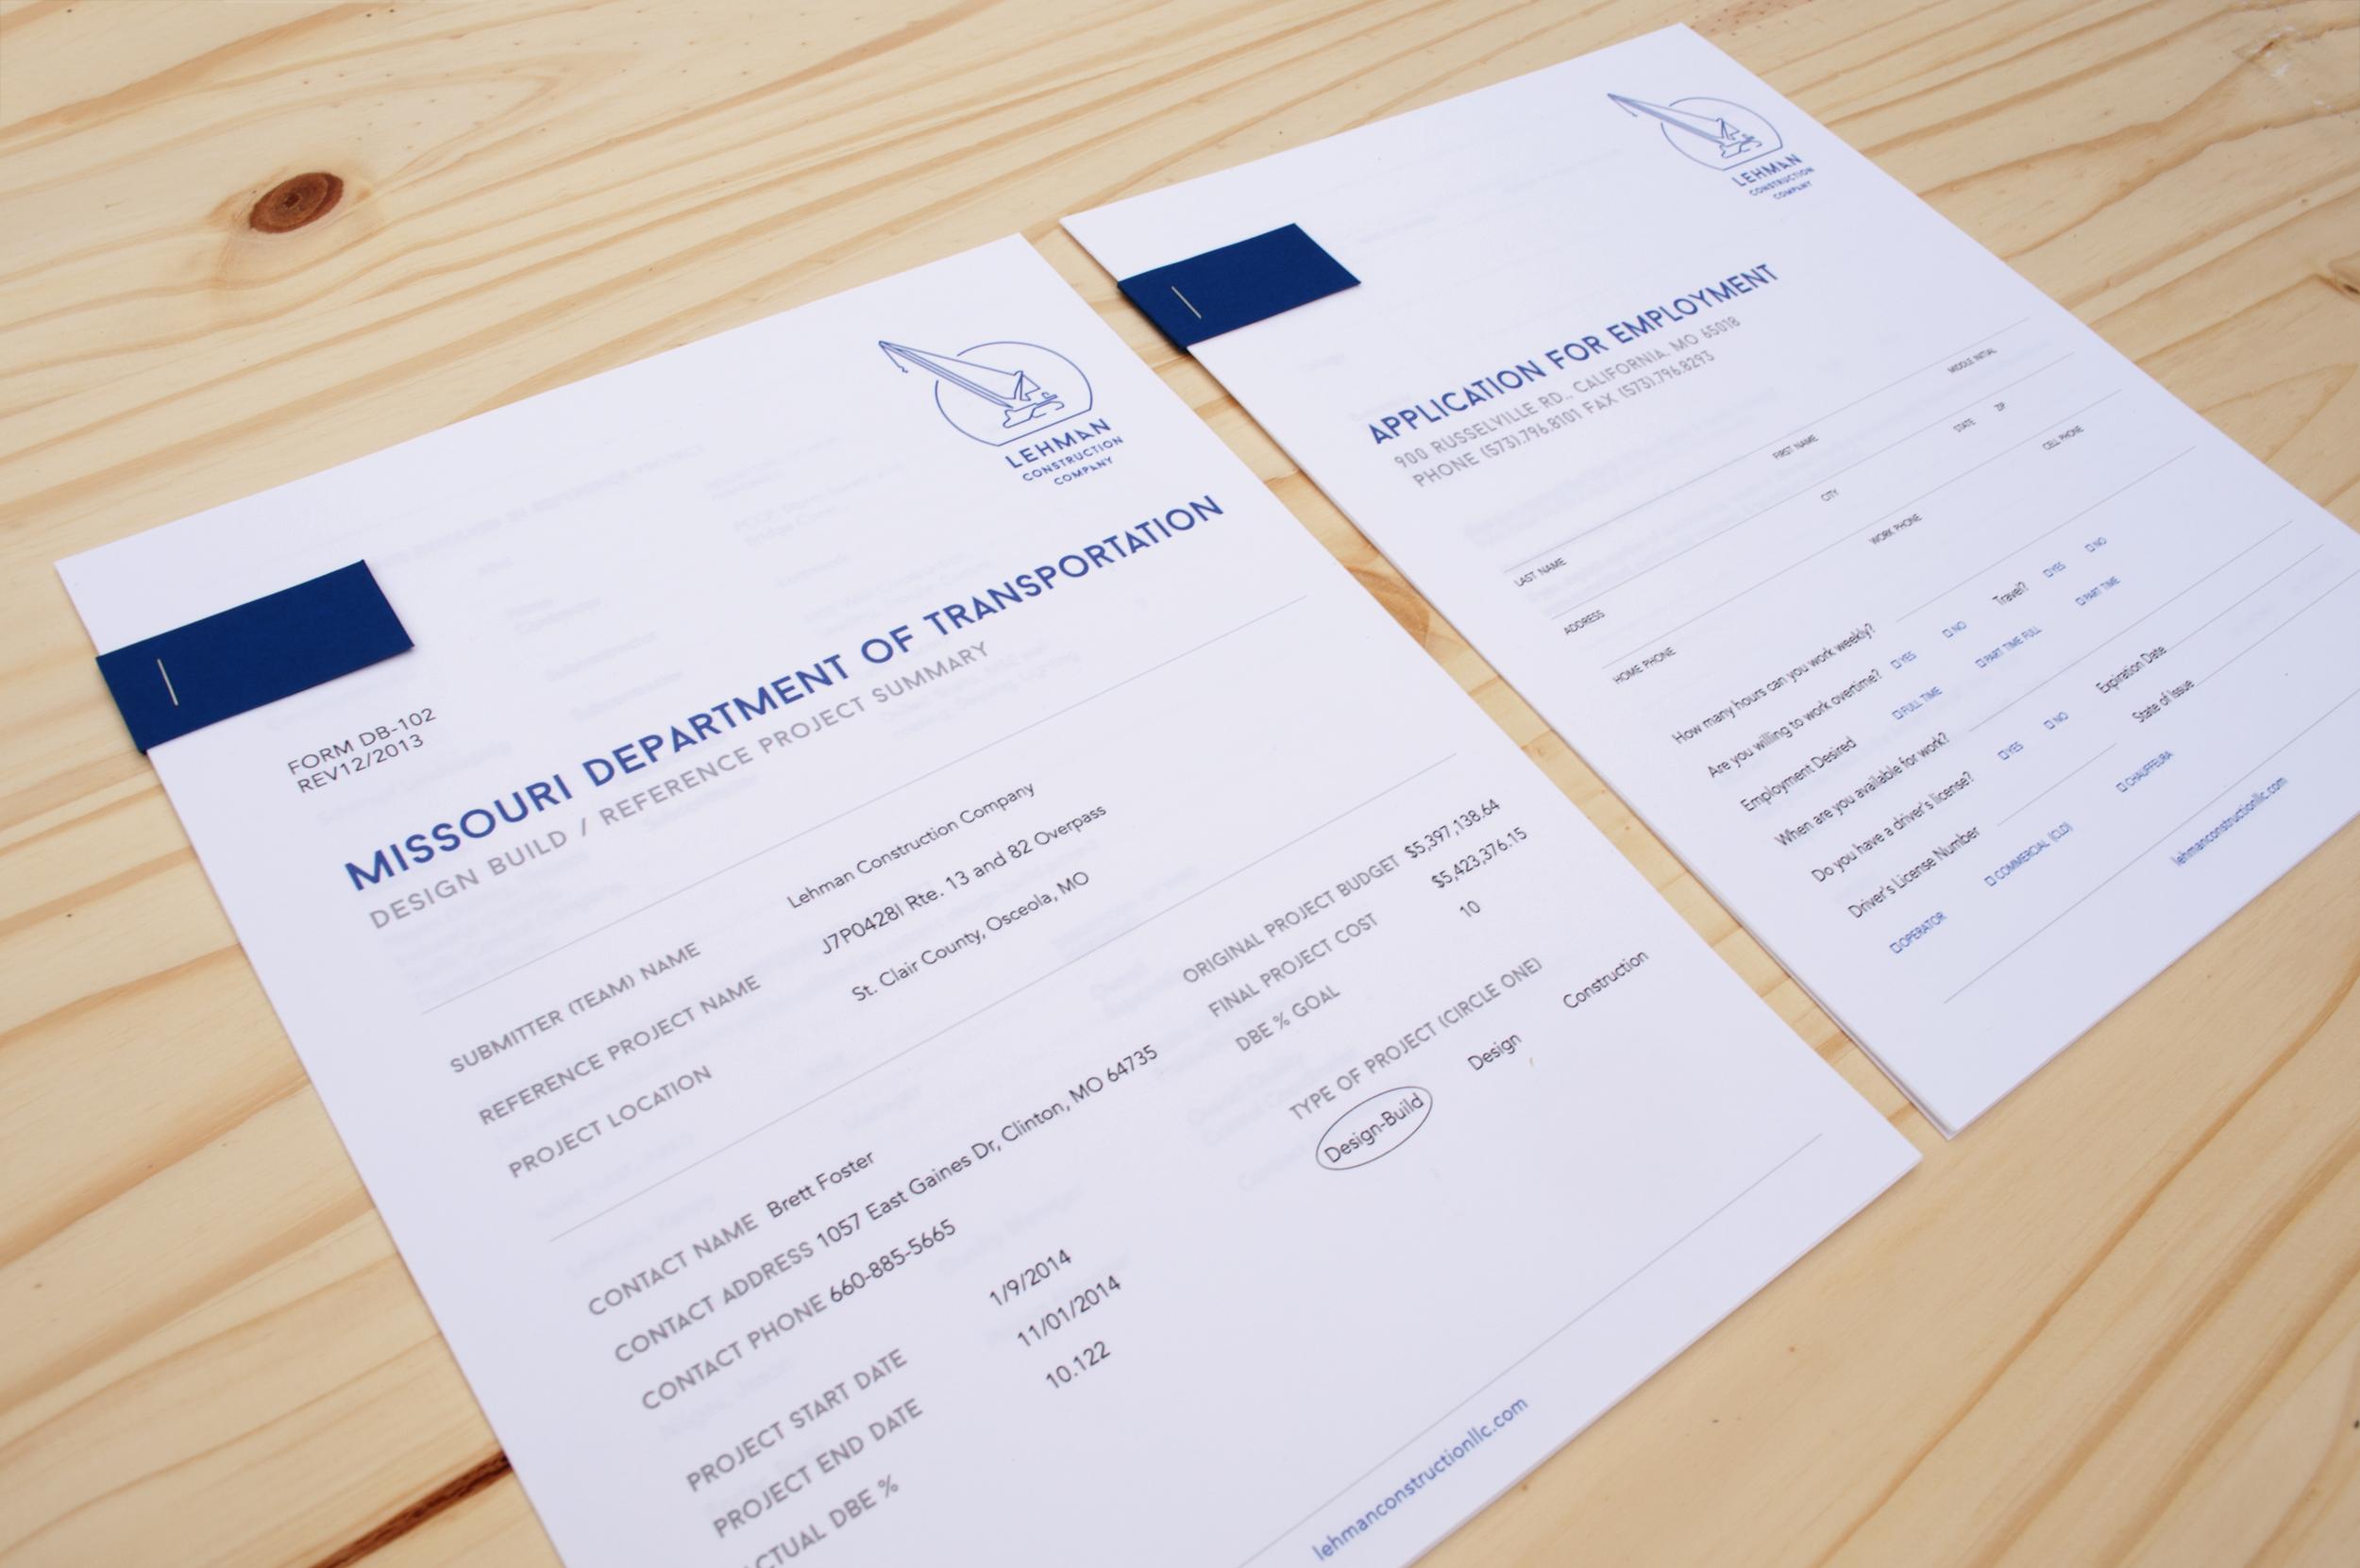 lehmanconstruction_forms